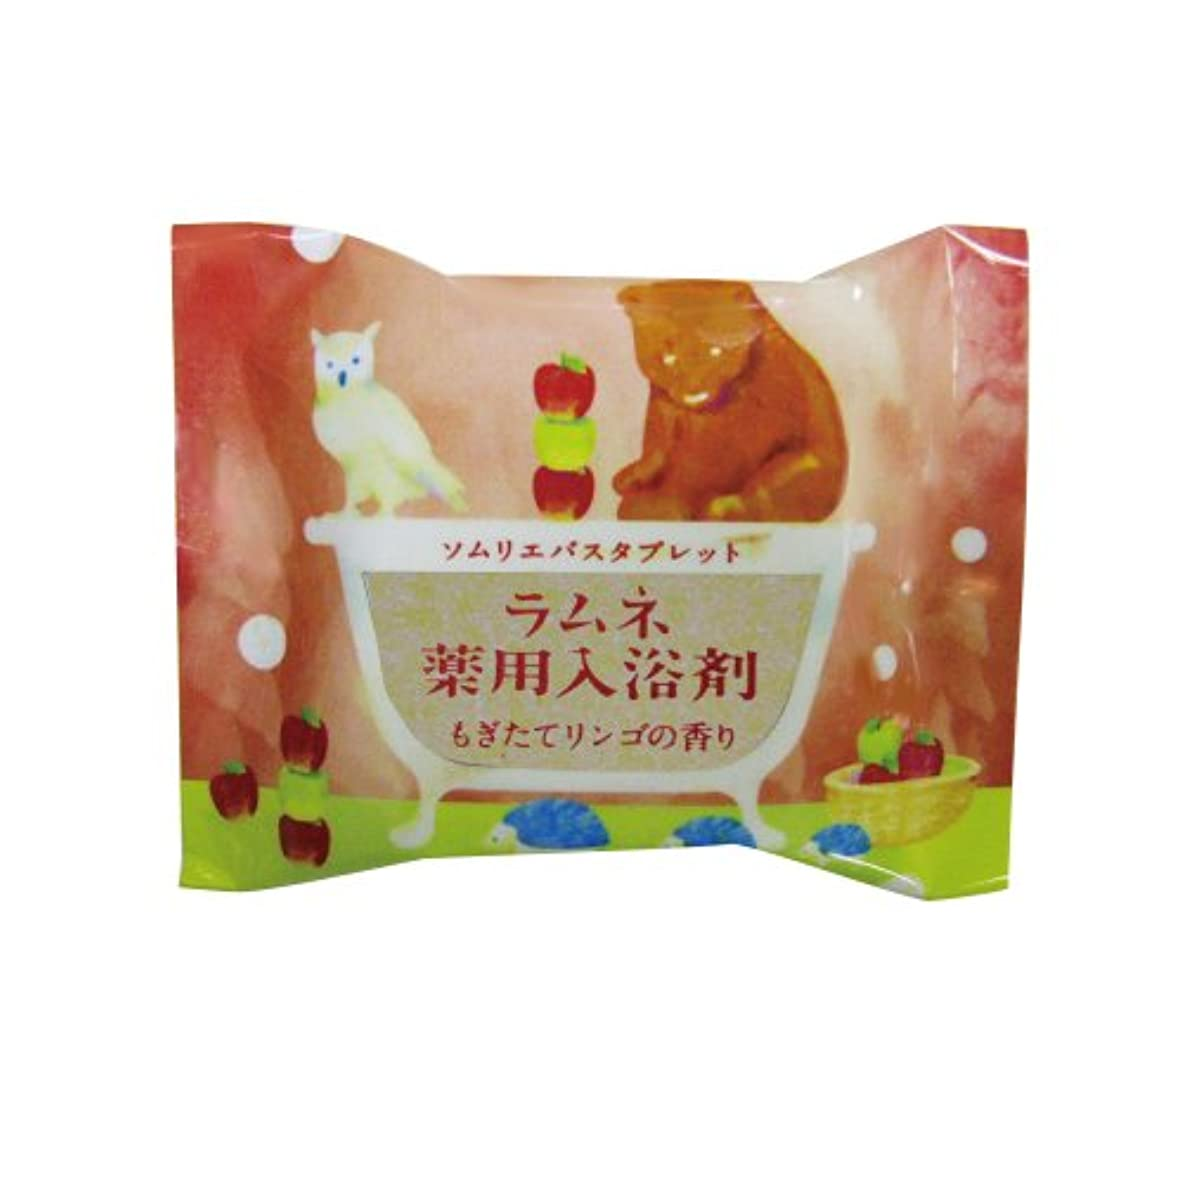 非難する洞窟シリーズソムリエバスタブレット ラムネ薬用入浴剤 もぎたてリンゴの香り 12個セット